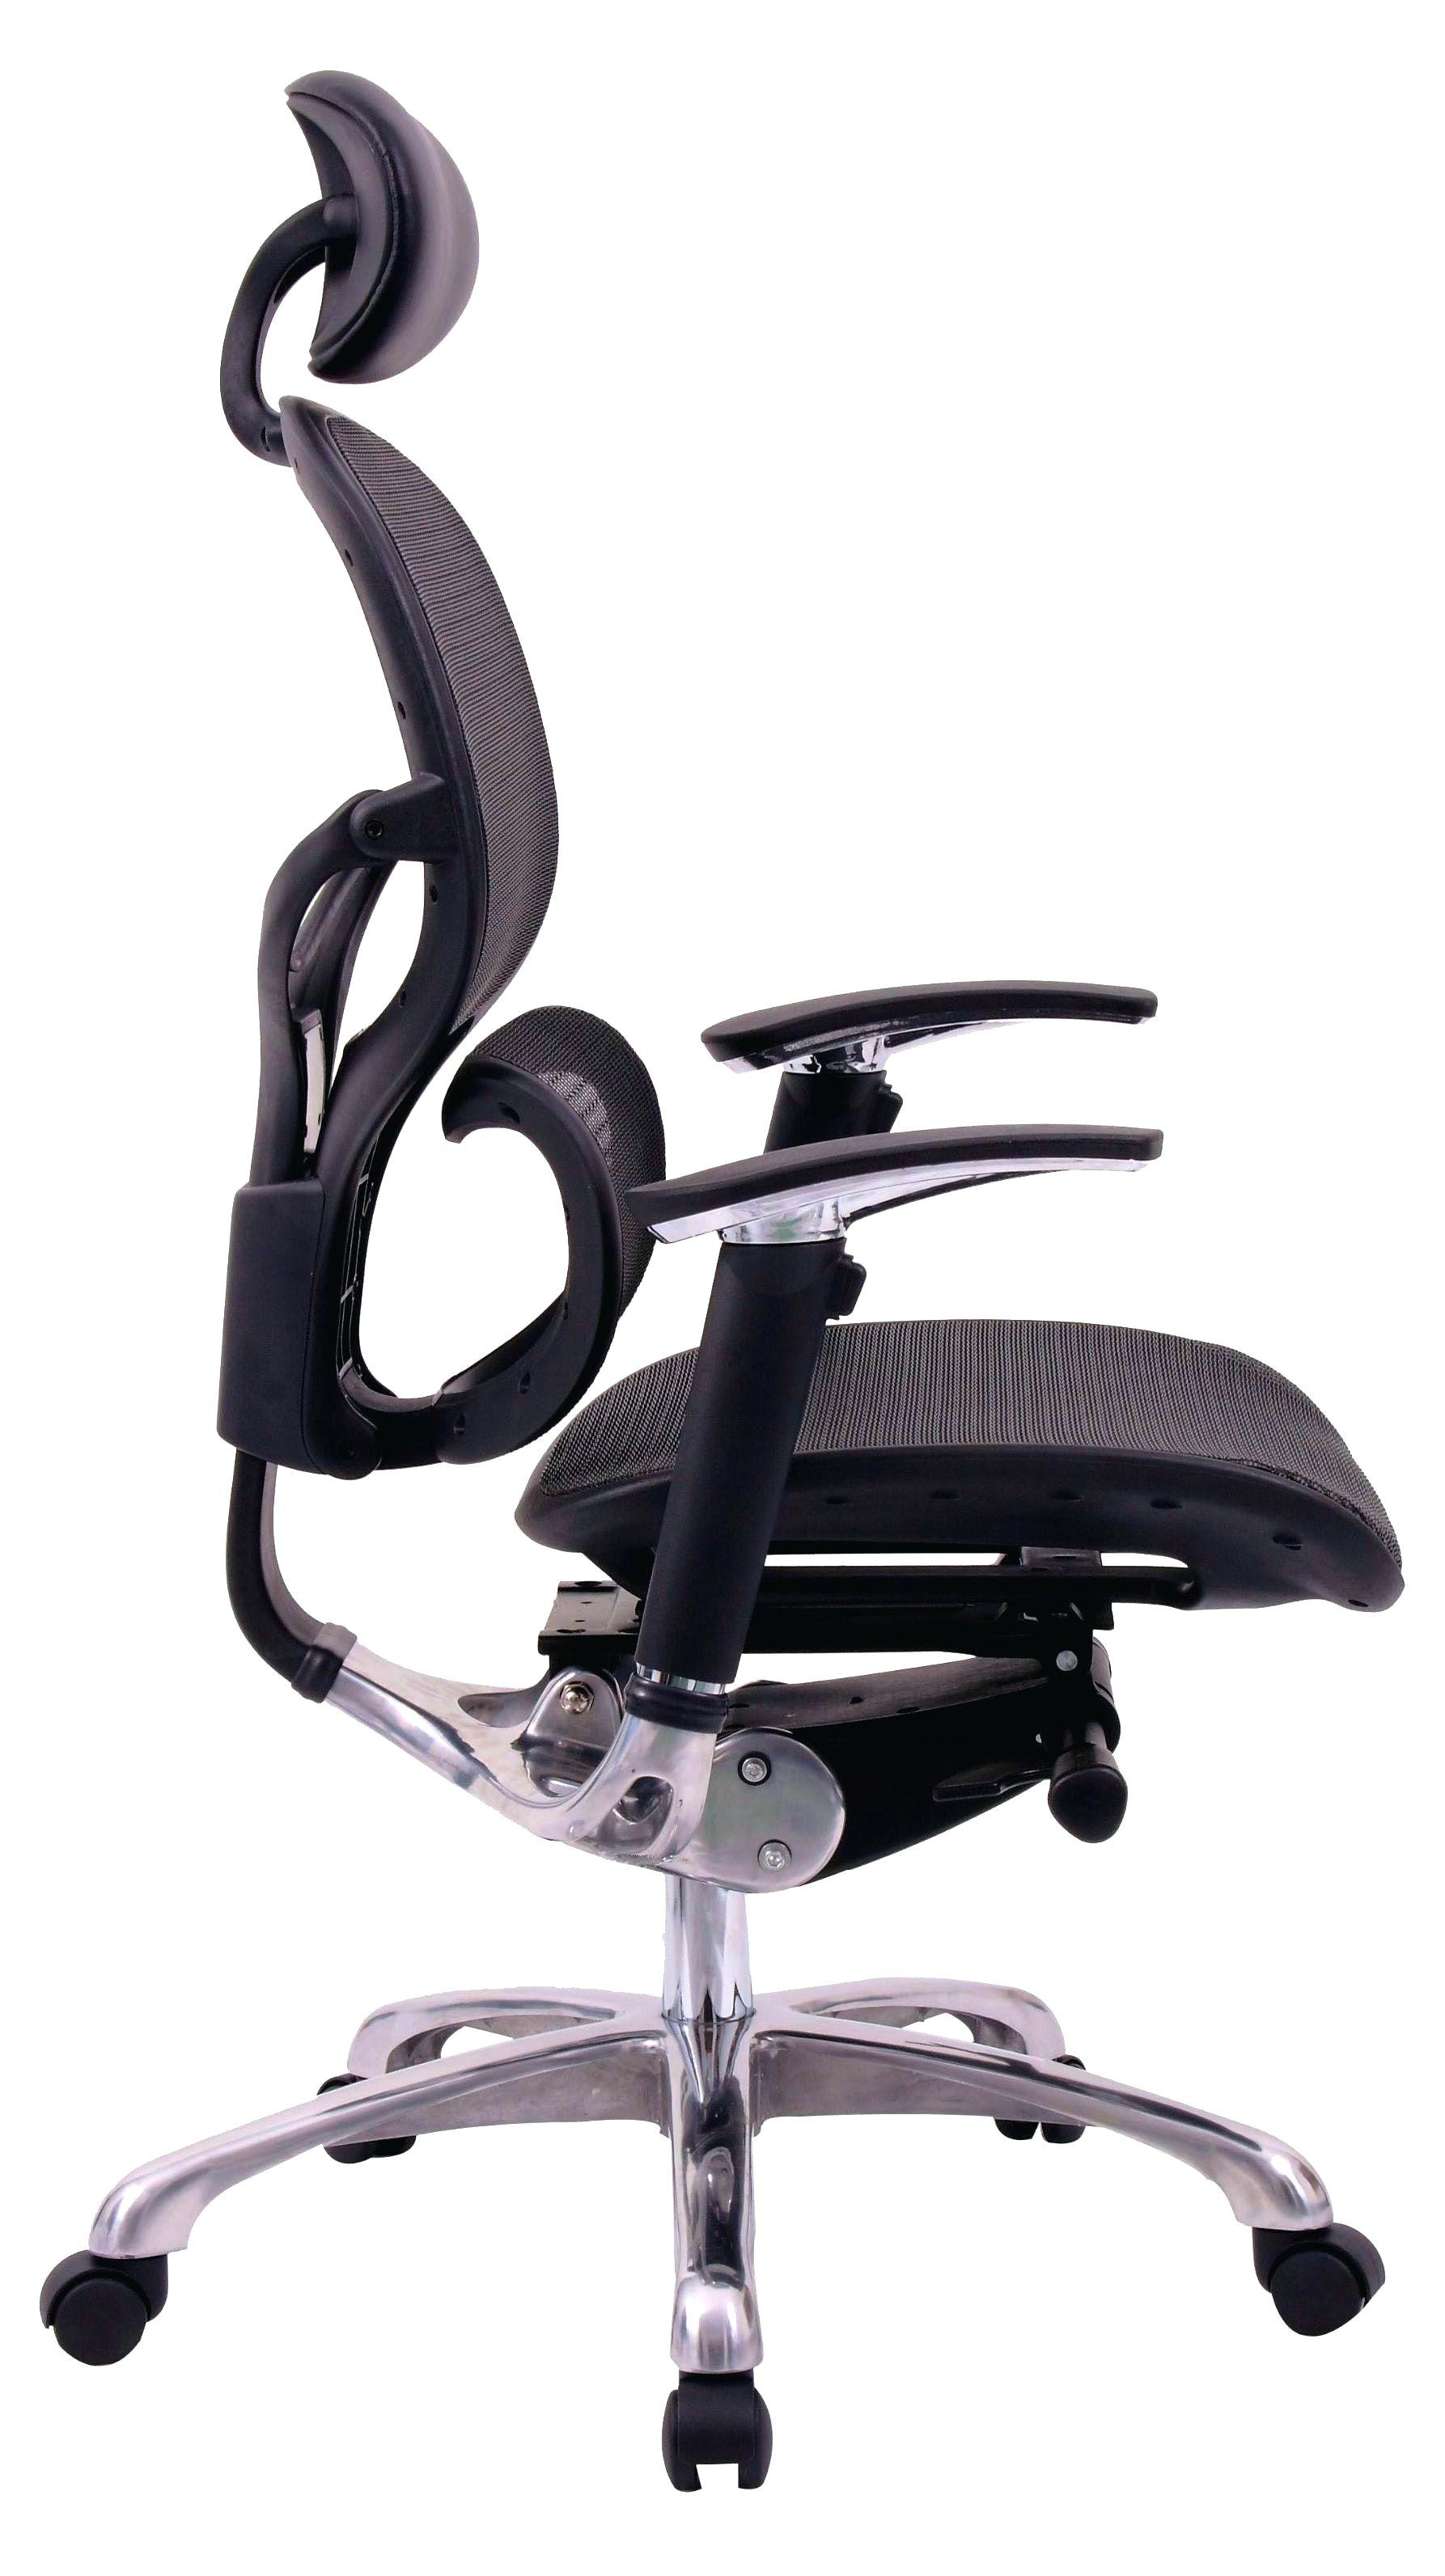 Weiss Ergonomischen Stuhl Ergonomische Stuhle Fur Ruckenschmerzen Die 10 Besten Buro Stuhle Best Preis Burostu Burostuhl Burostuhl Ergonomisch Schreibtischstuhl